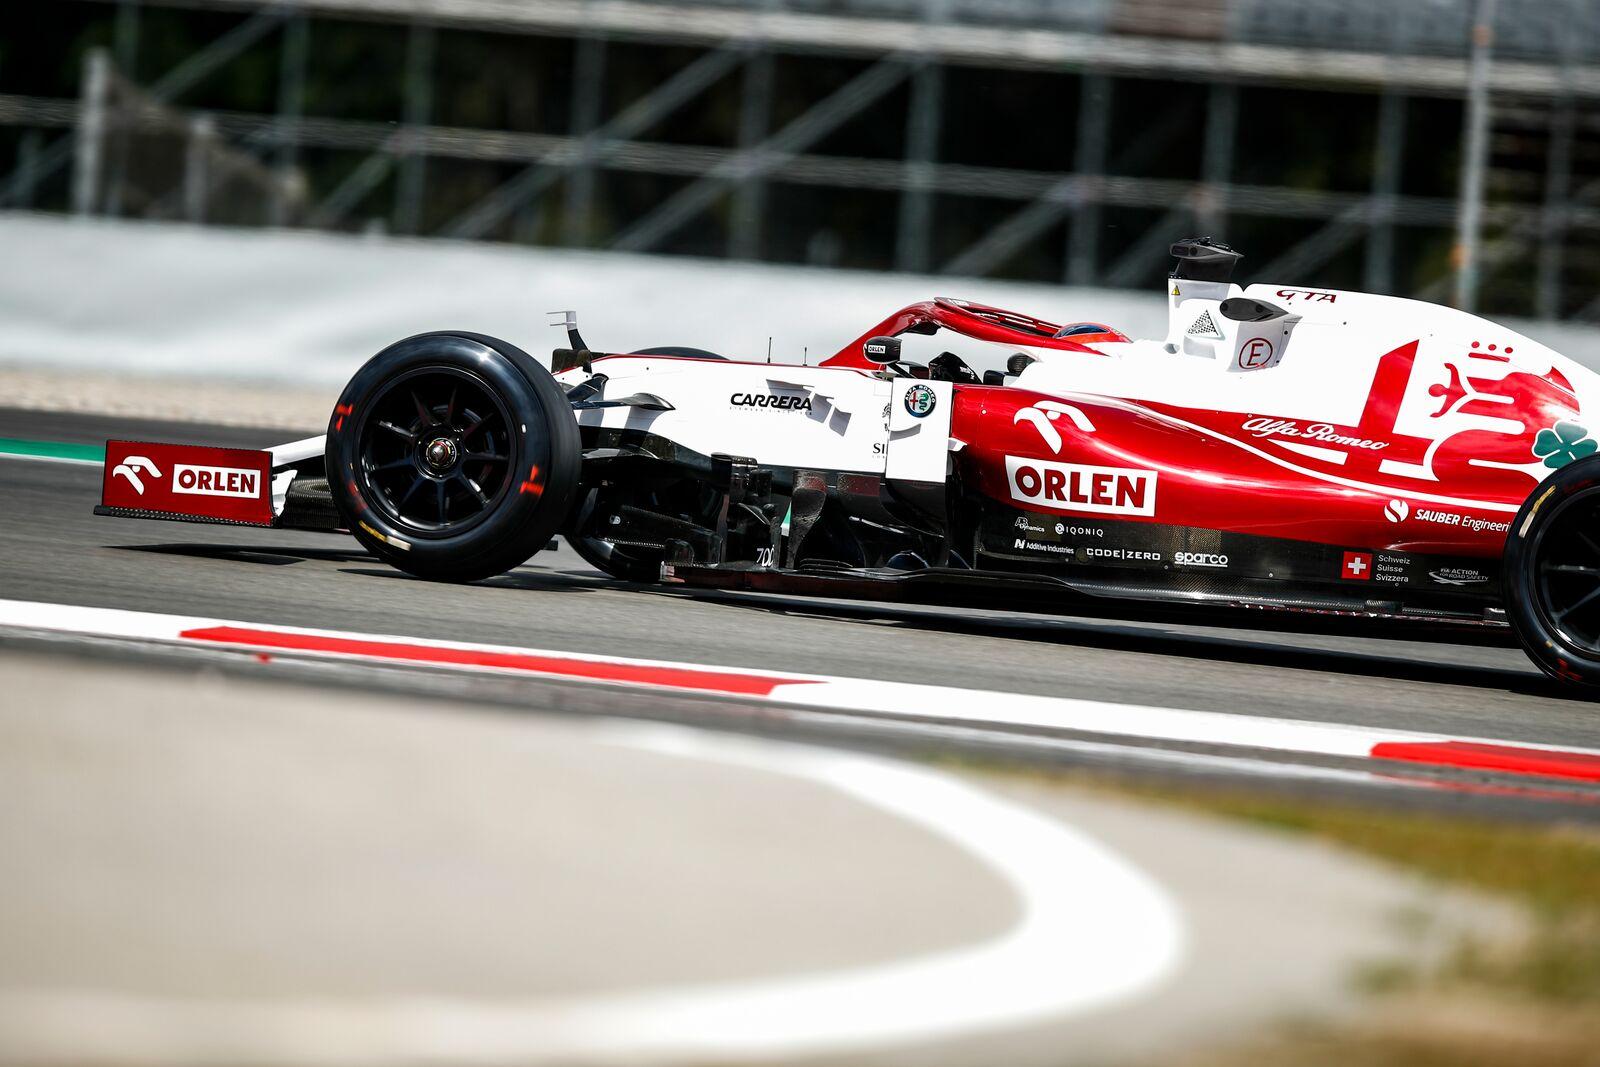 F1 - Tous les secrets des roues 18 pouces introduites en F1 en 2022